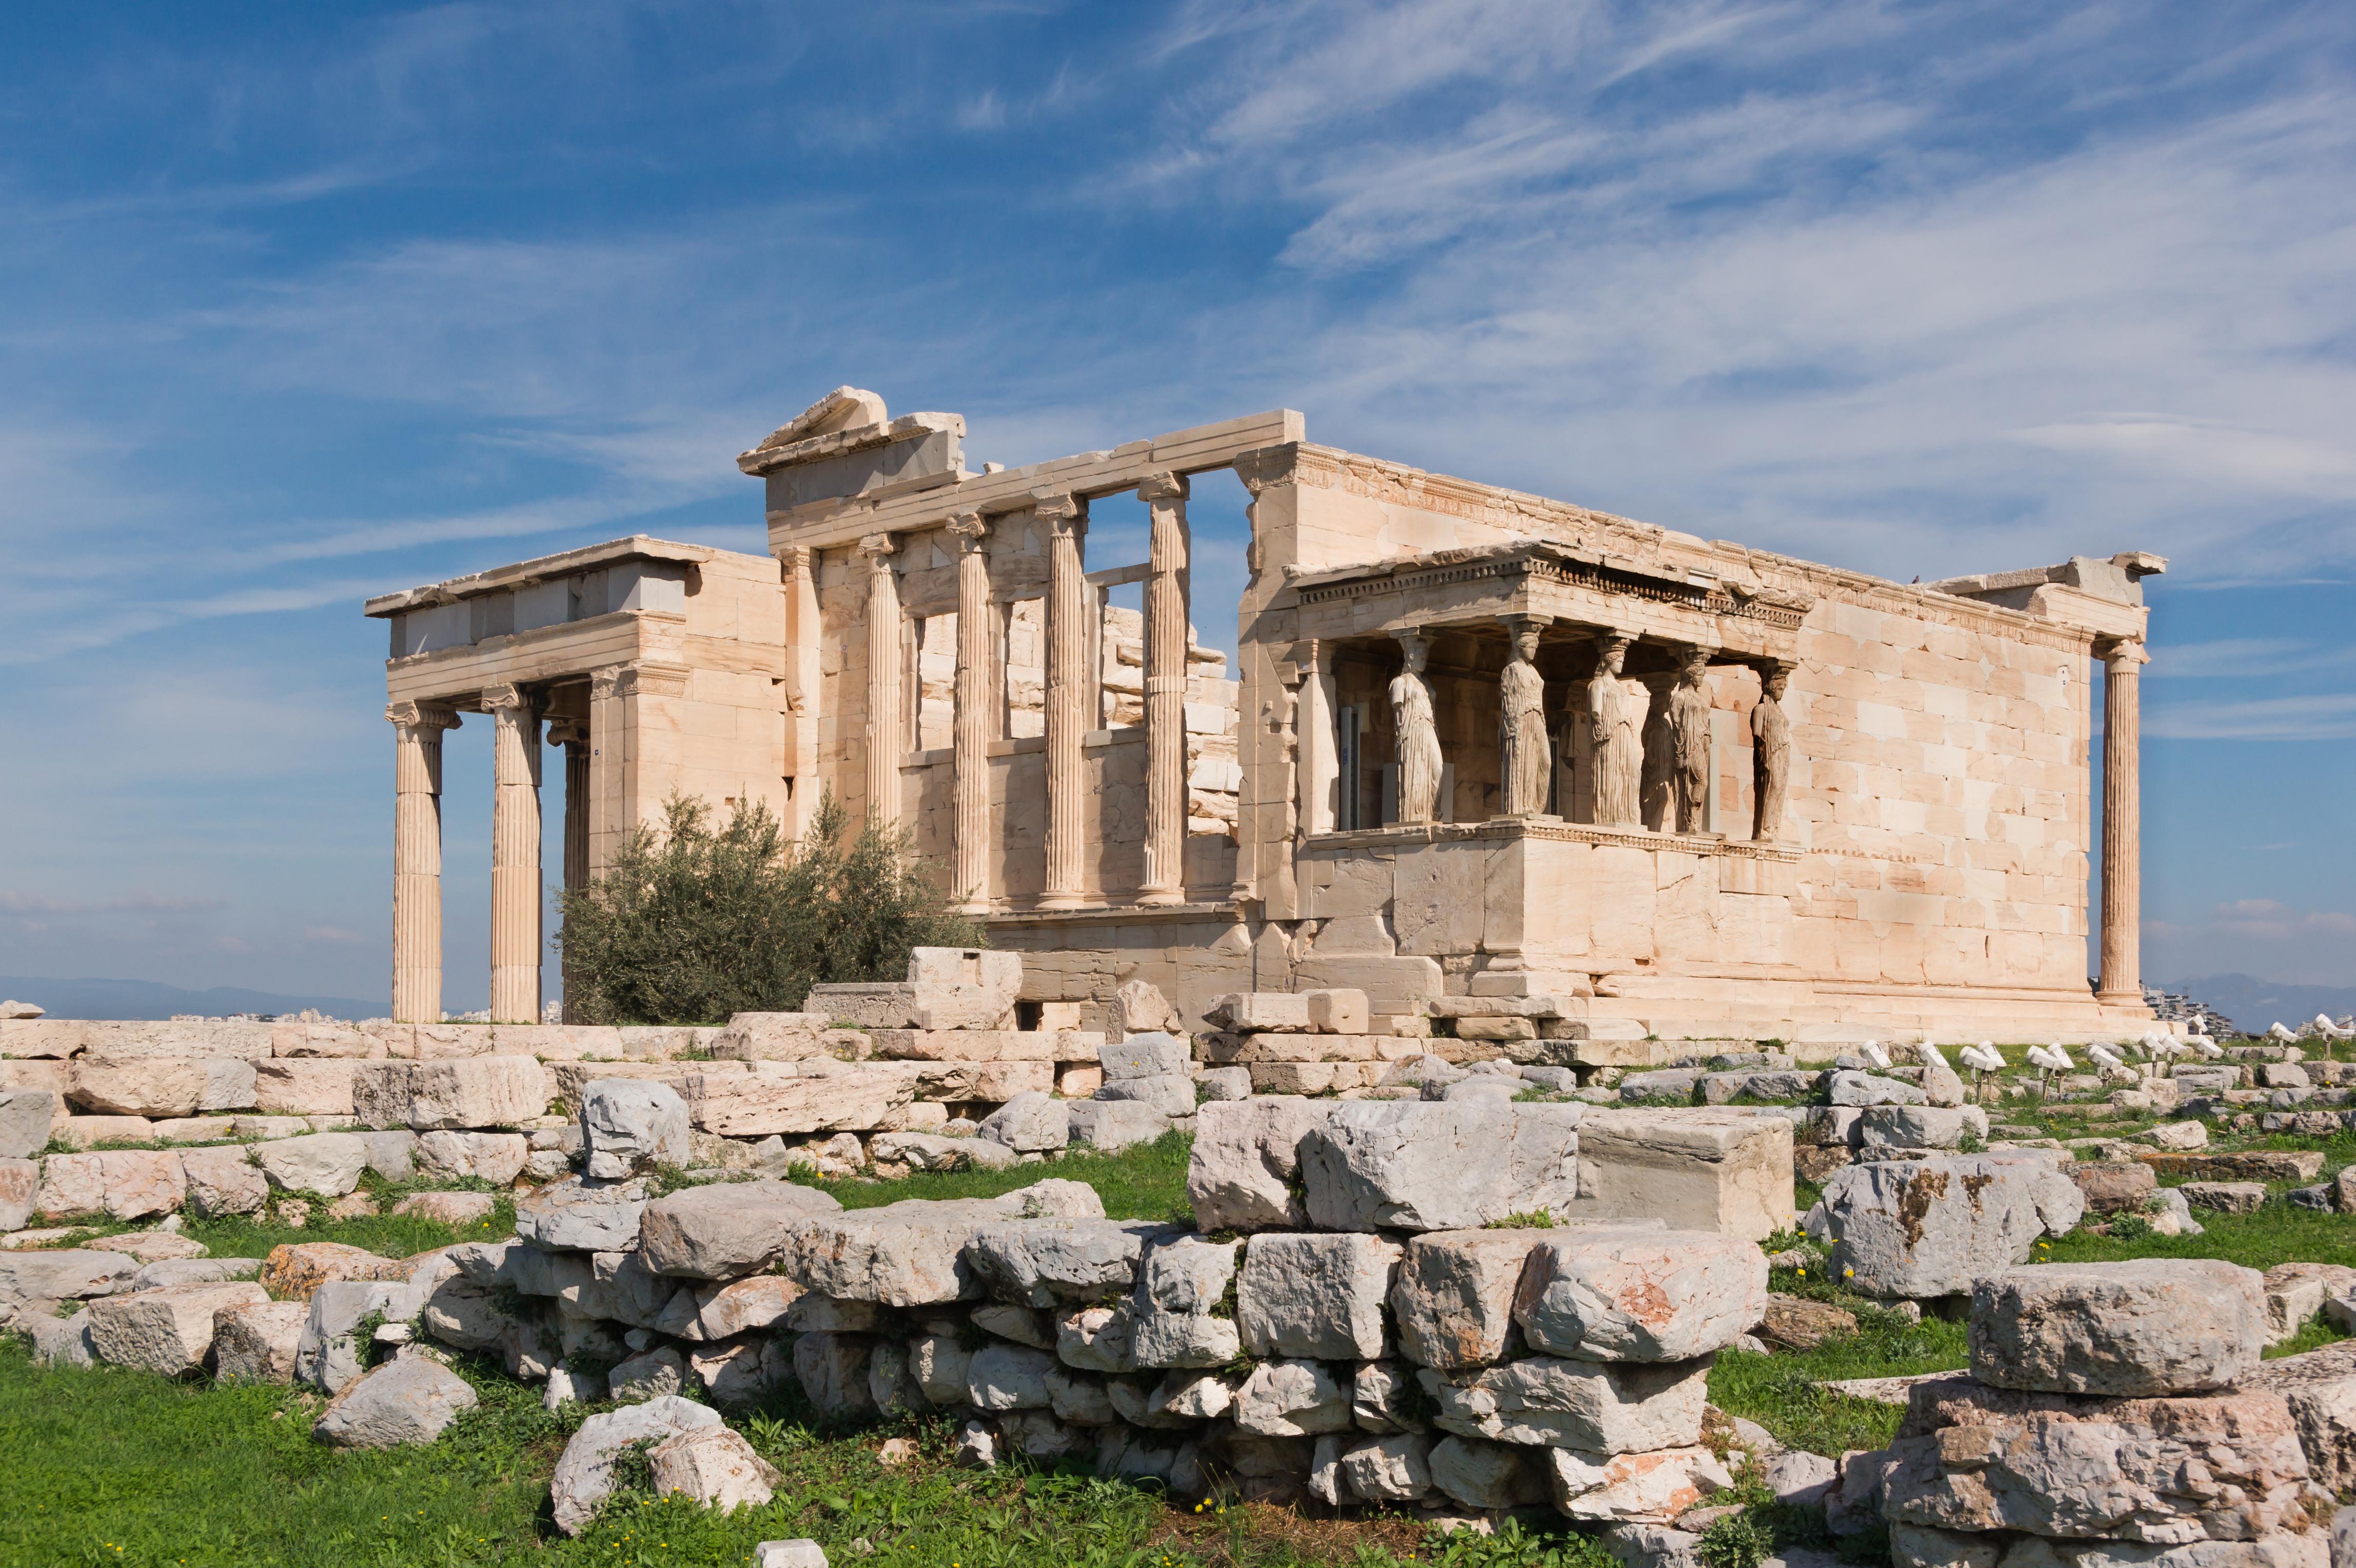 Acropolis of Athens Wikipedia